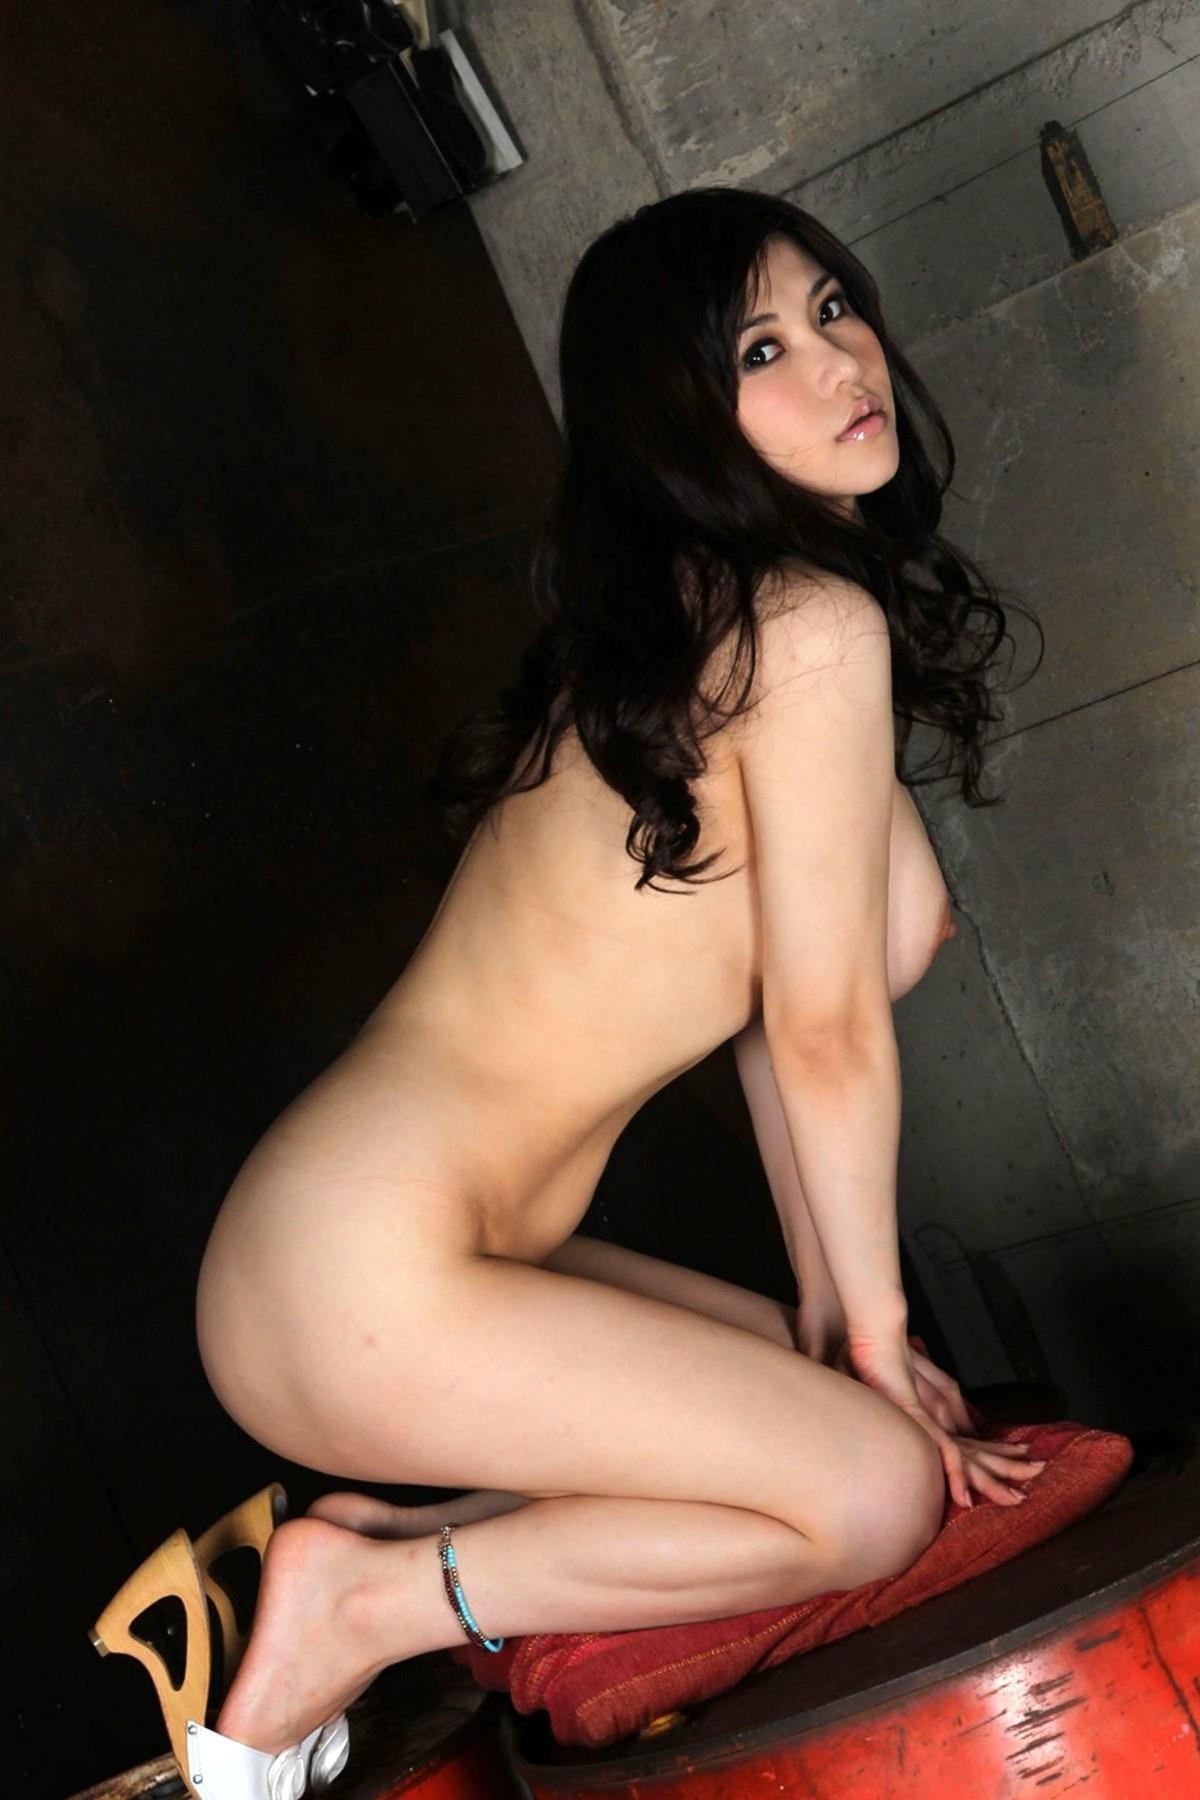 沖田杏梨 ランジェリー画像 154